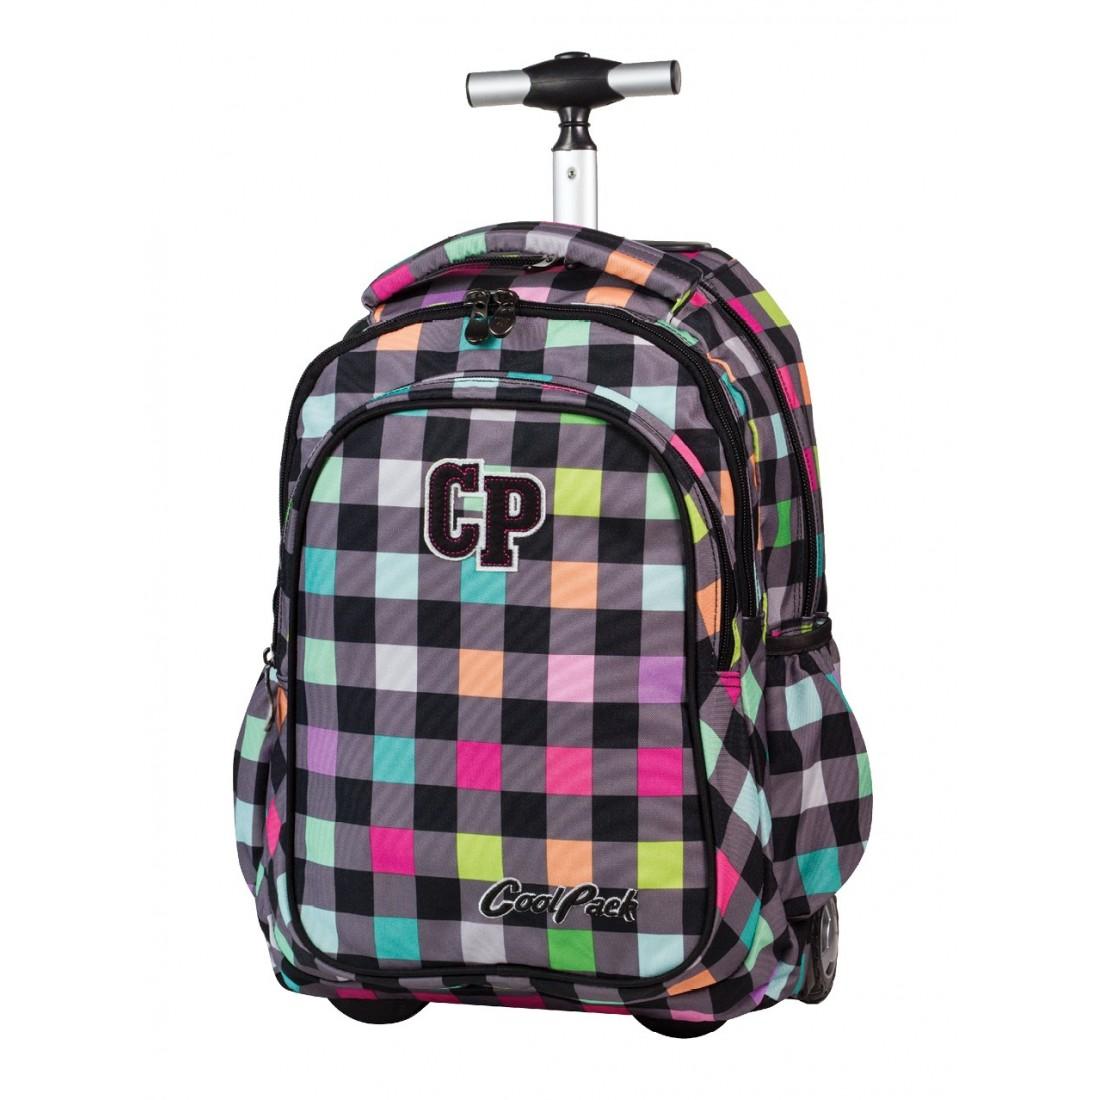 e4984e0d1ccb0 PLECAK NA KÓŁKACH COOLPACK - JUNIOR PASTEL CHECK CP 123a - plecak ...